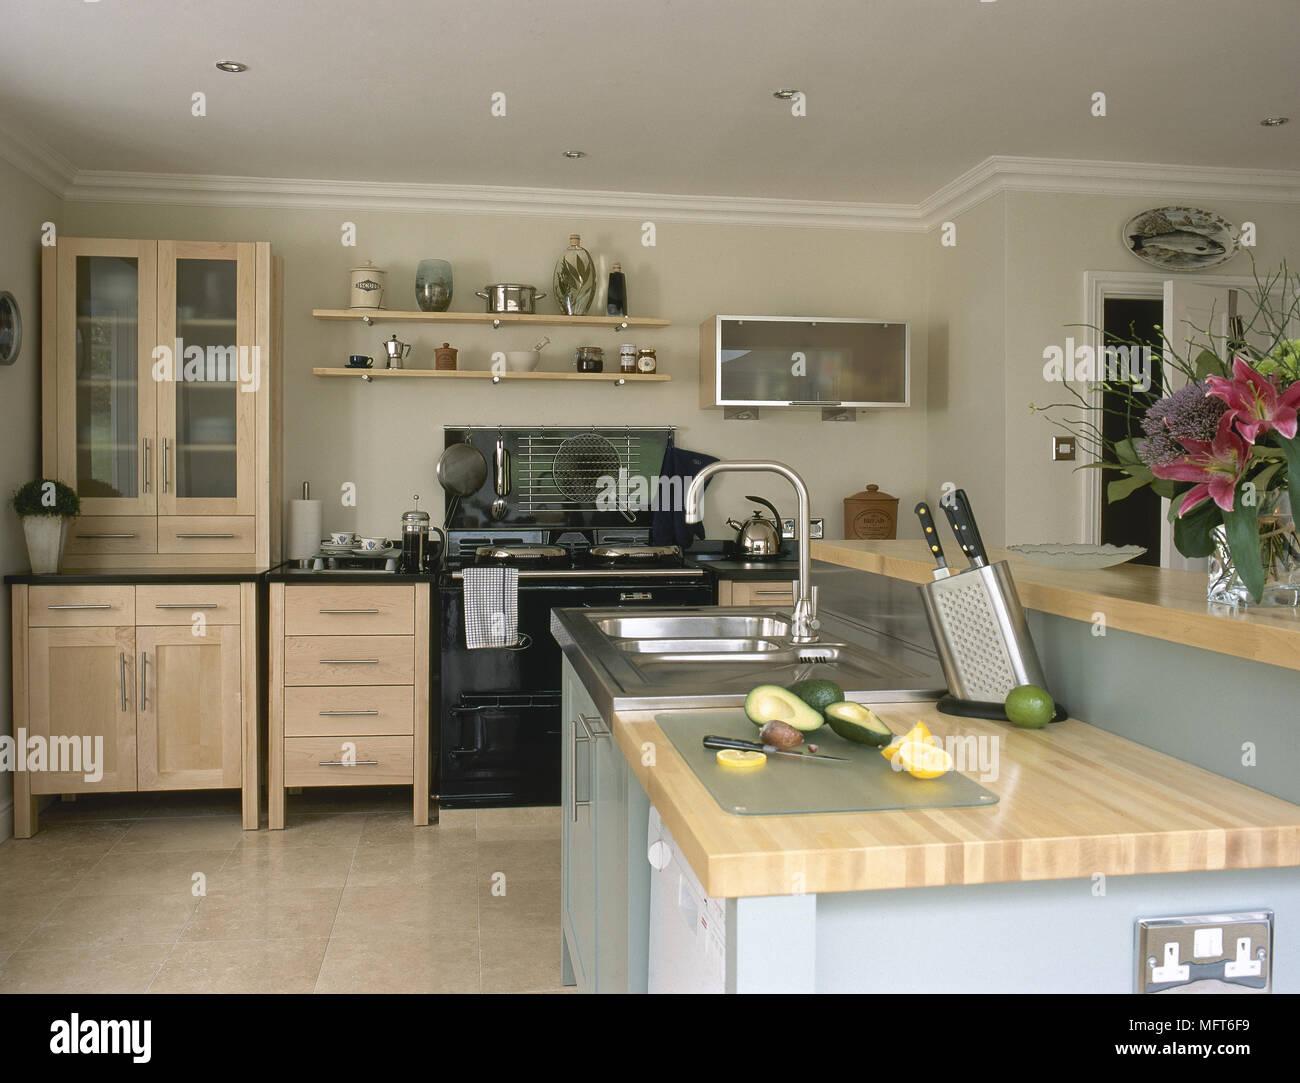 Cozinha Moderna Com Arm Rios De Madeira Preto Forno Ilha Central